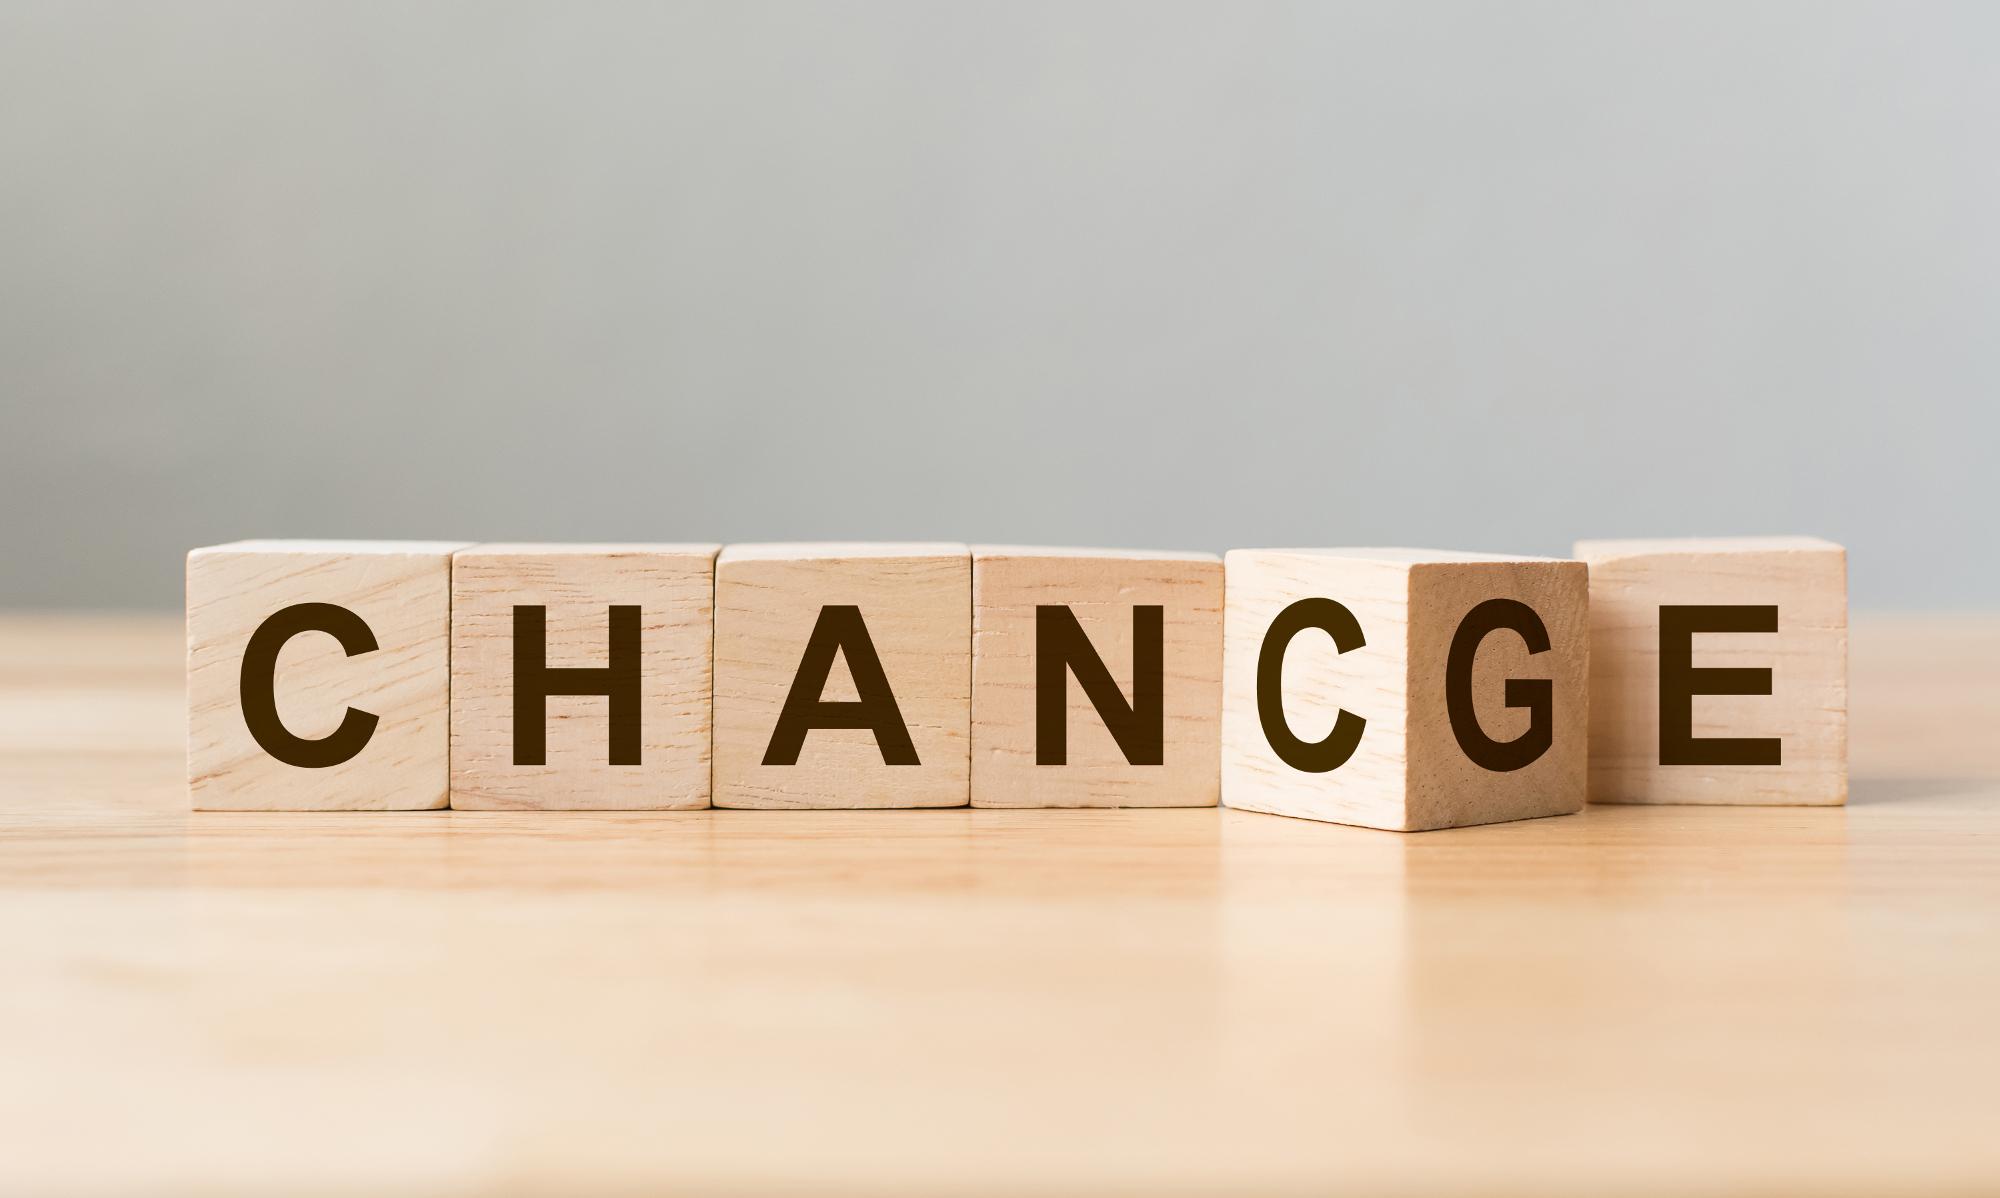 Chance to Change - jeder Umzug ist eine Chance zur Optimierung